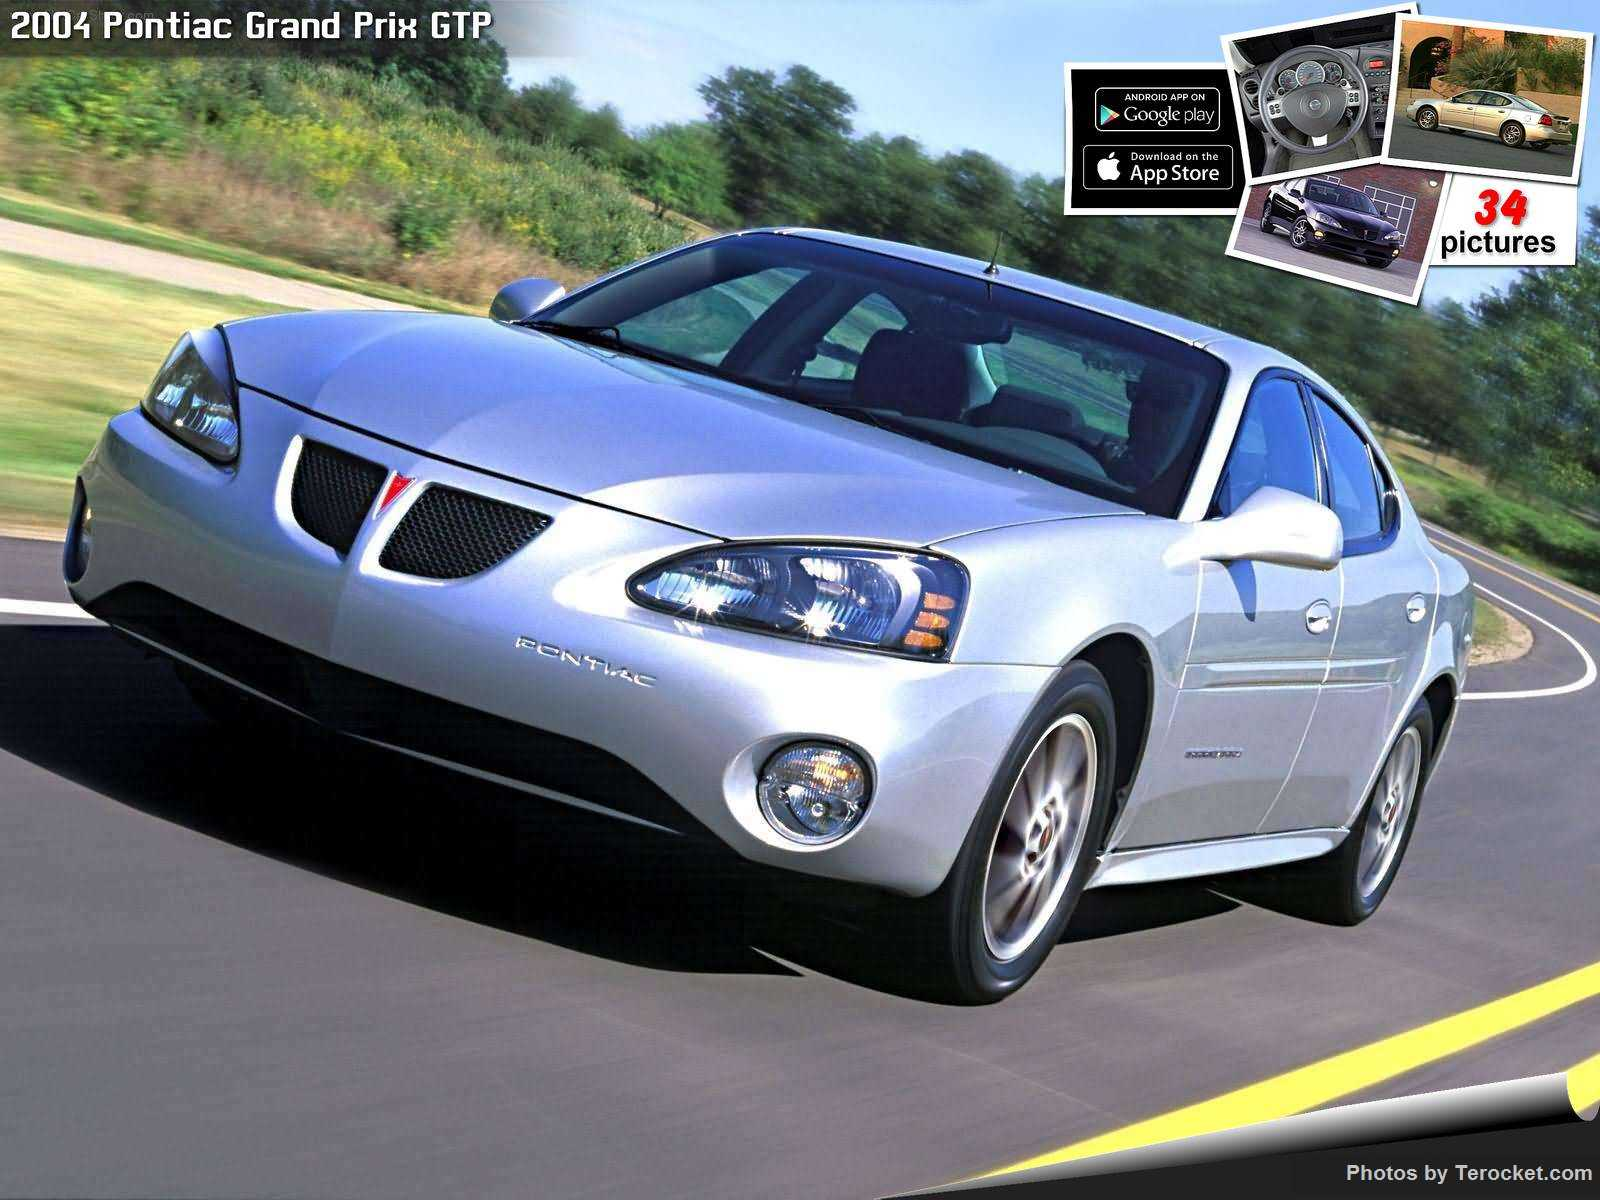 Hình ảnh xe ô tô Pontiac Grand Prix GTP 2004 & nội ngoại thất